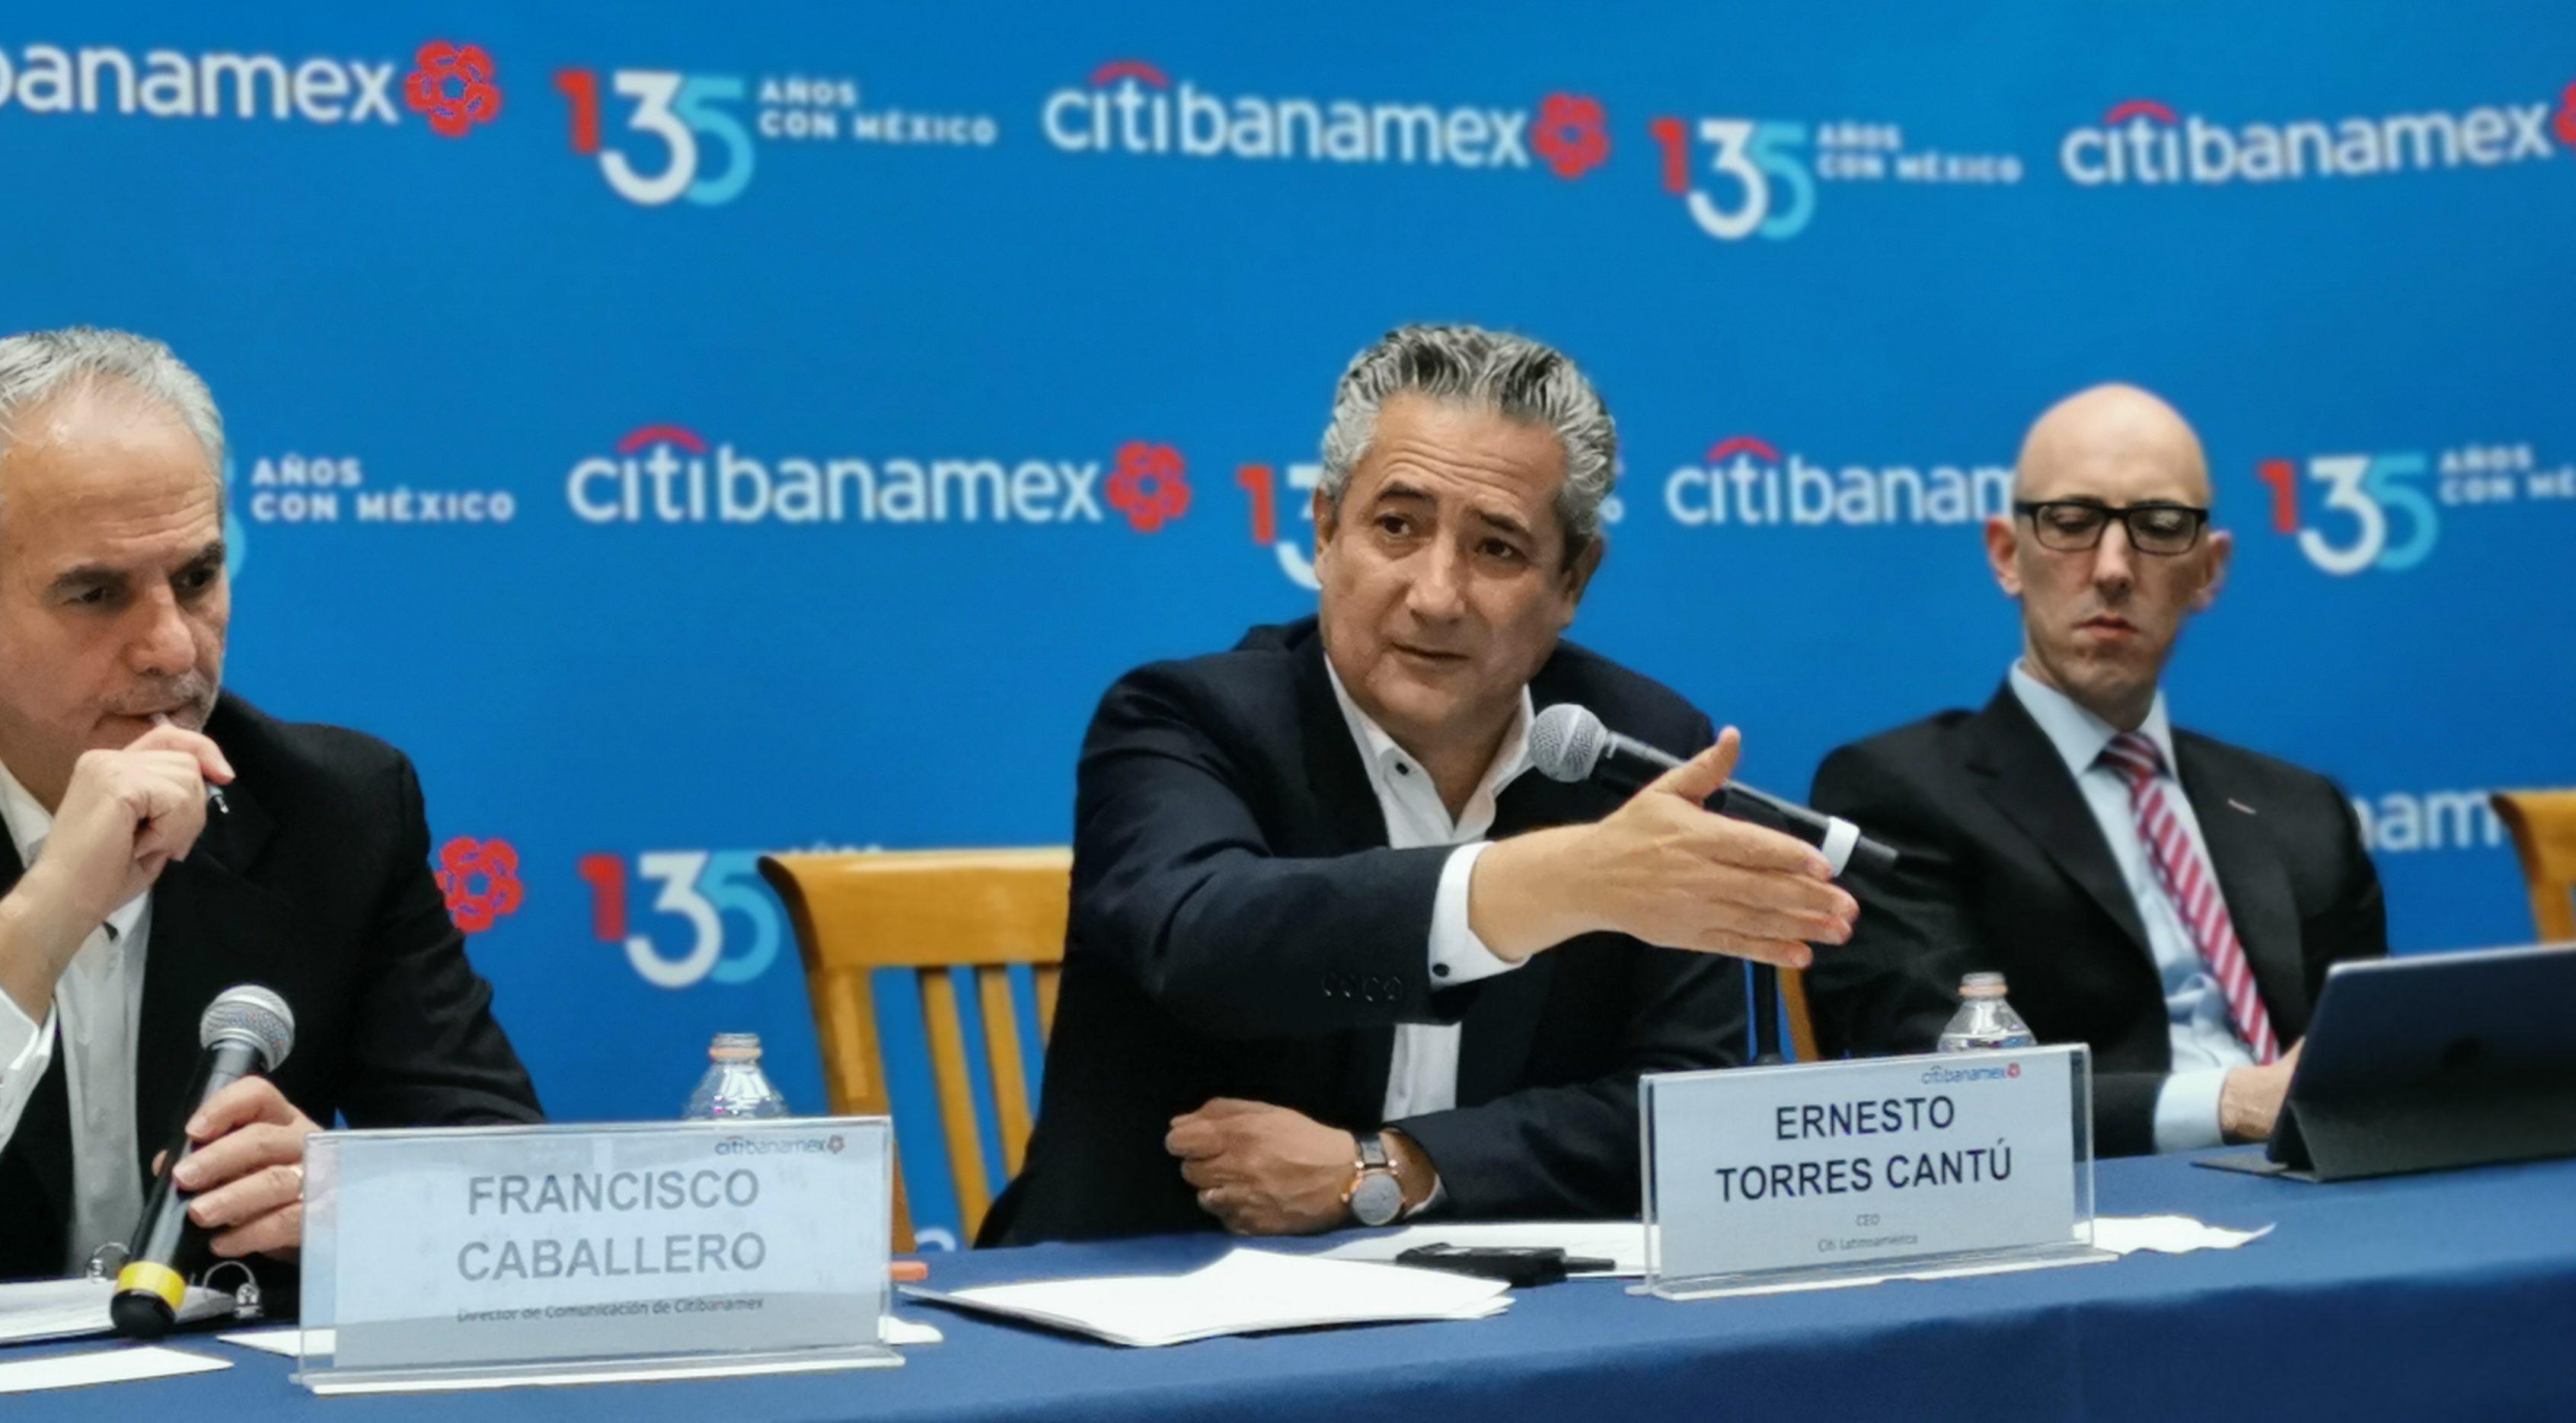 Así fue la primera 'despedida' de Ernesto Torres Cantú como CEO de Citibanamex